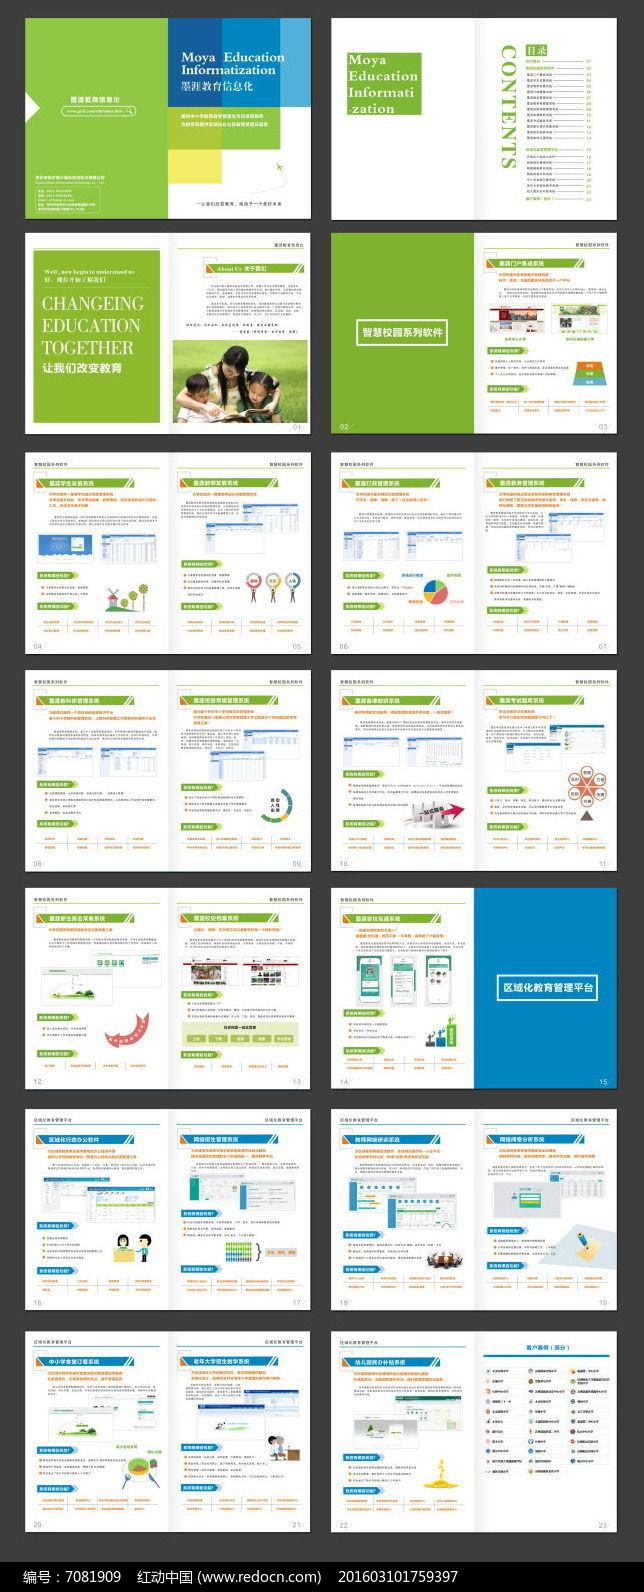 企业画册设计绿色画册公司画册图片